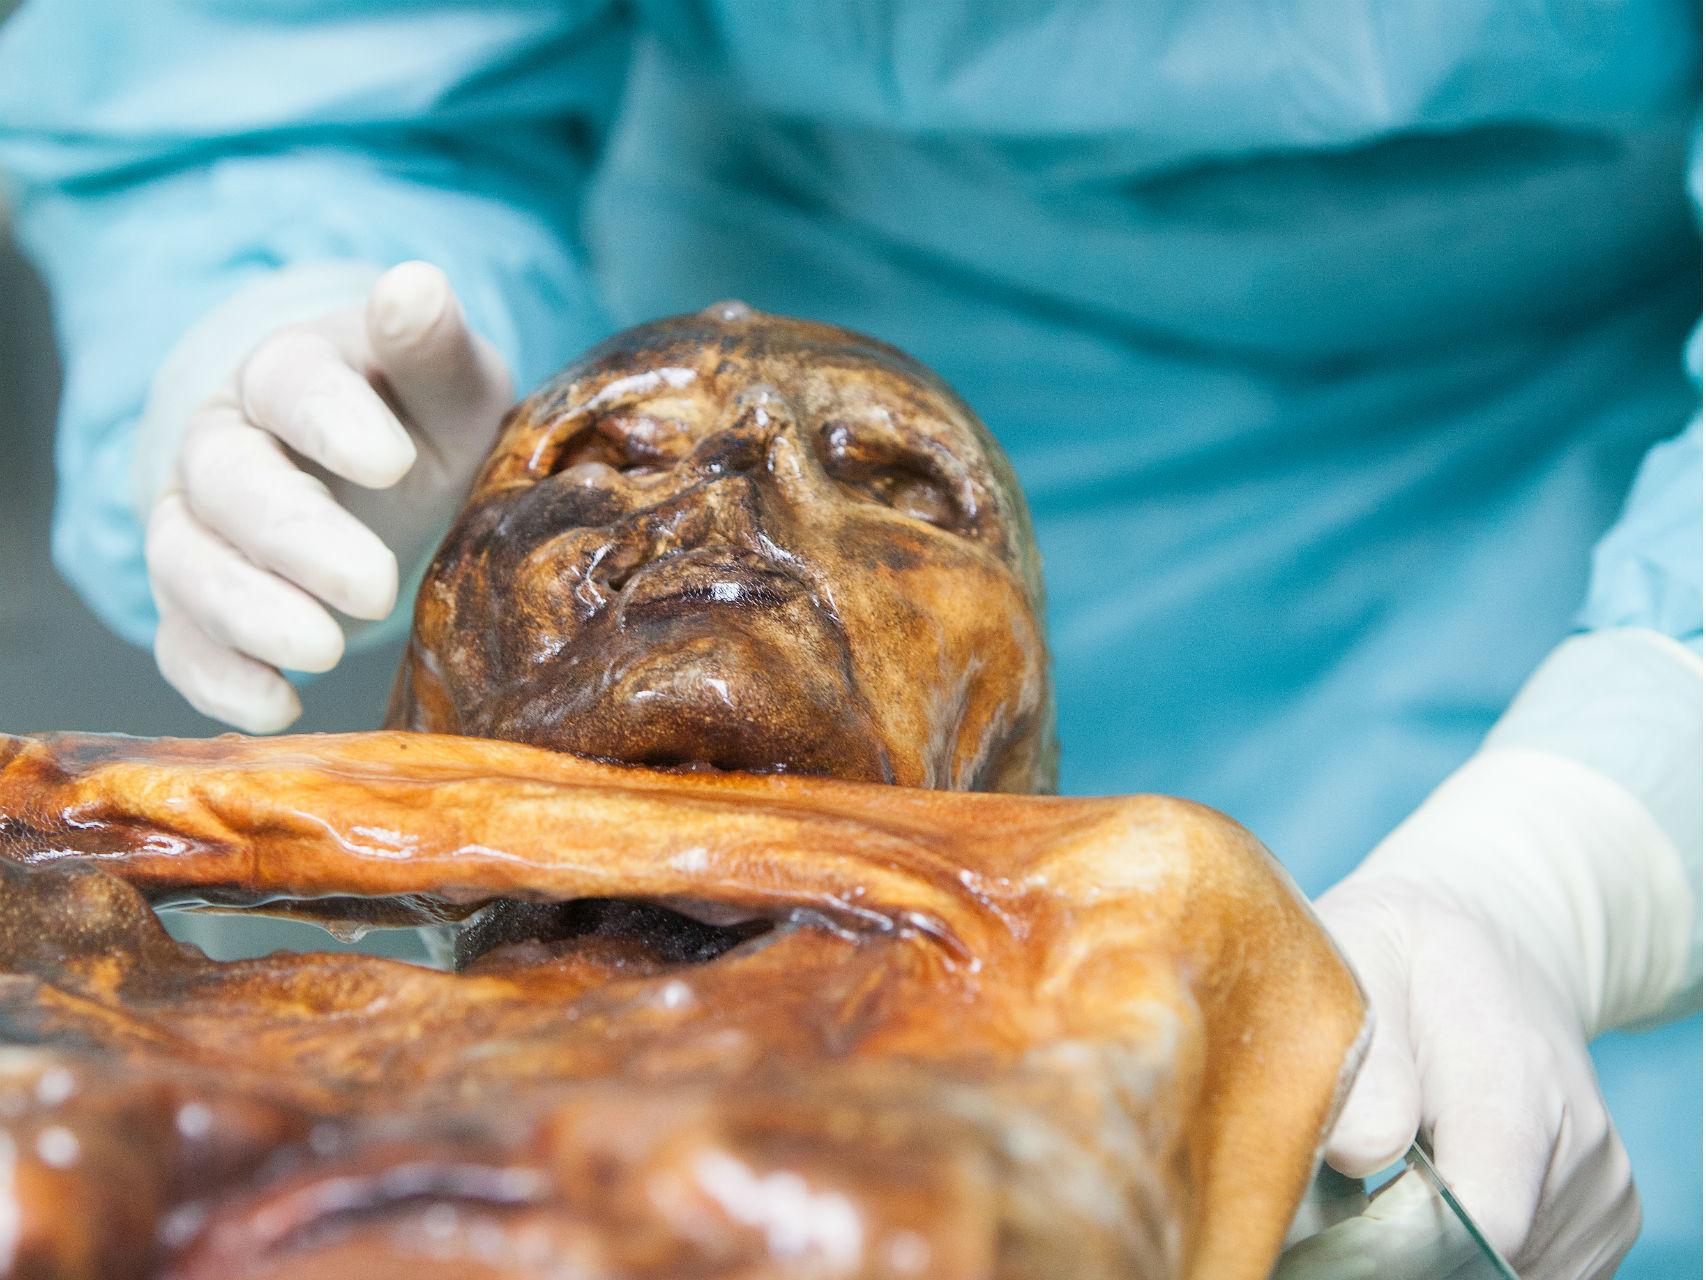 La momia de Ötzi, el hombre del hielo, también tiene valiosos microbios.